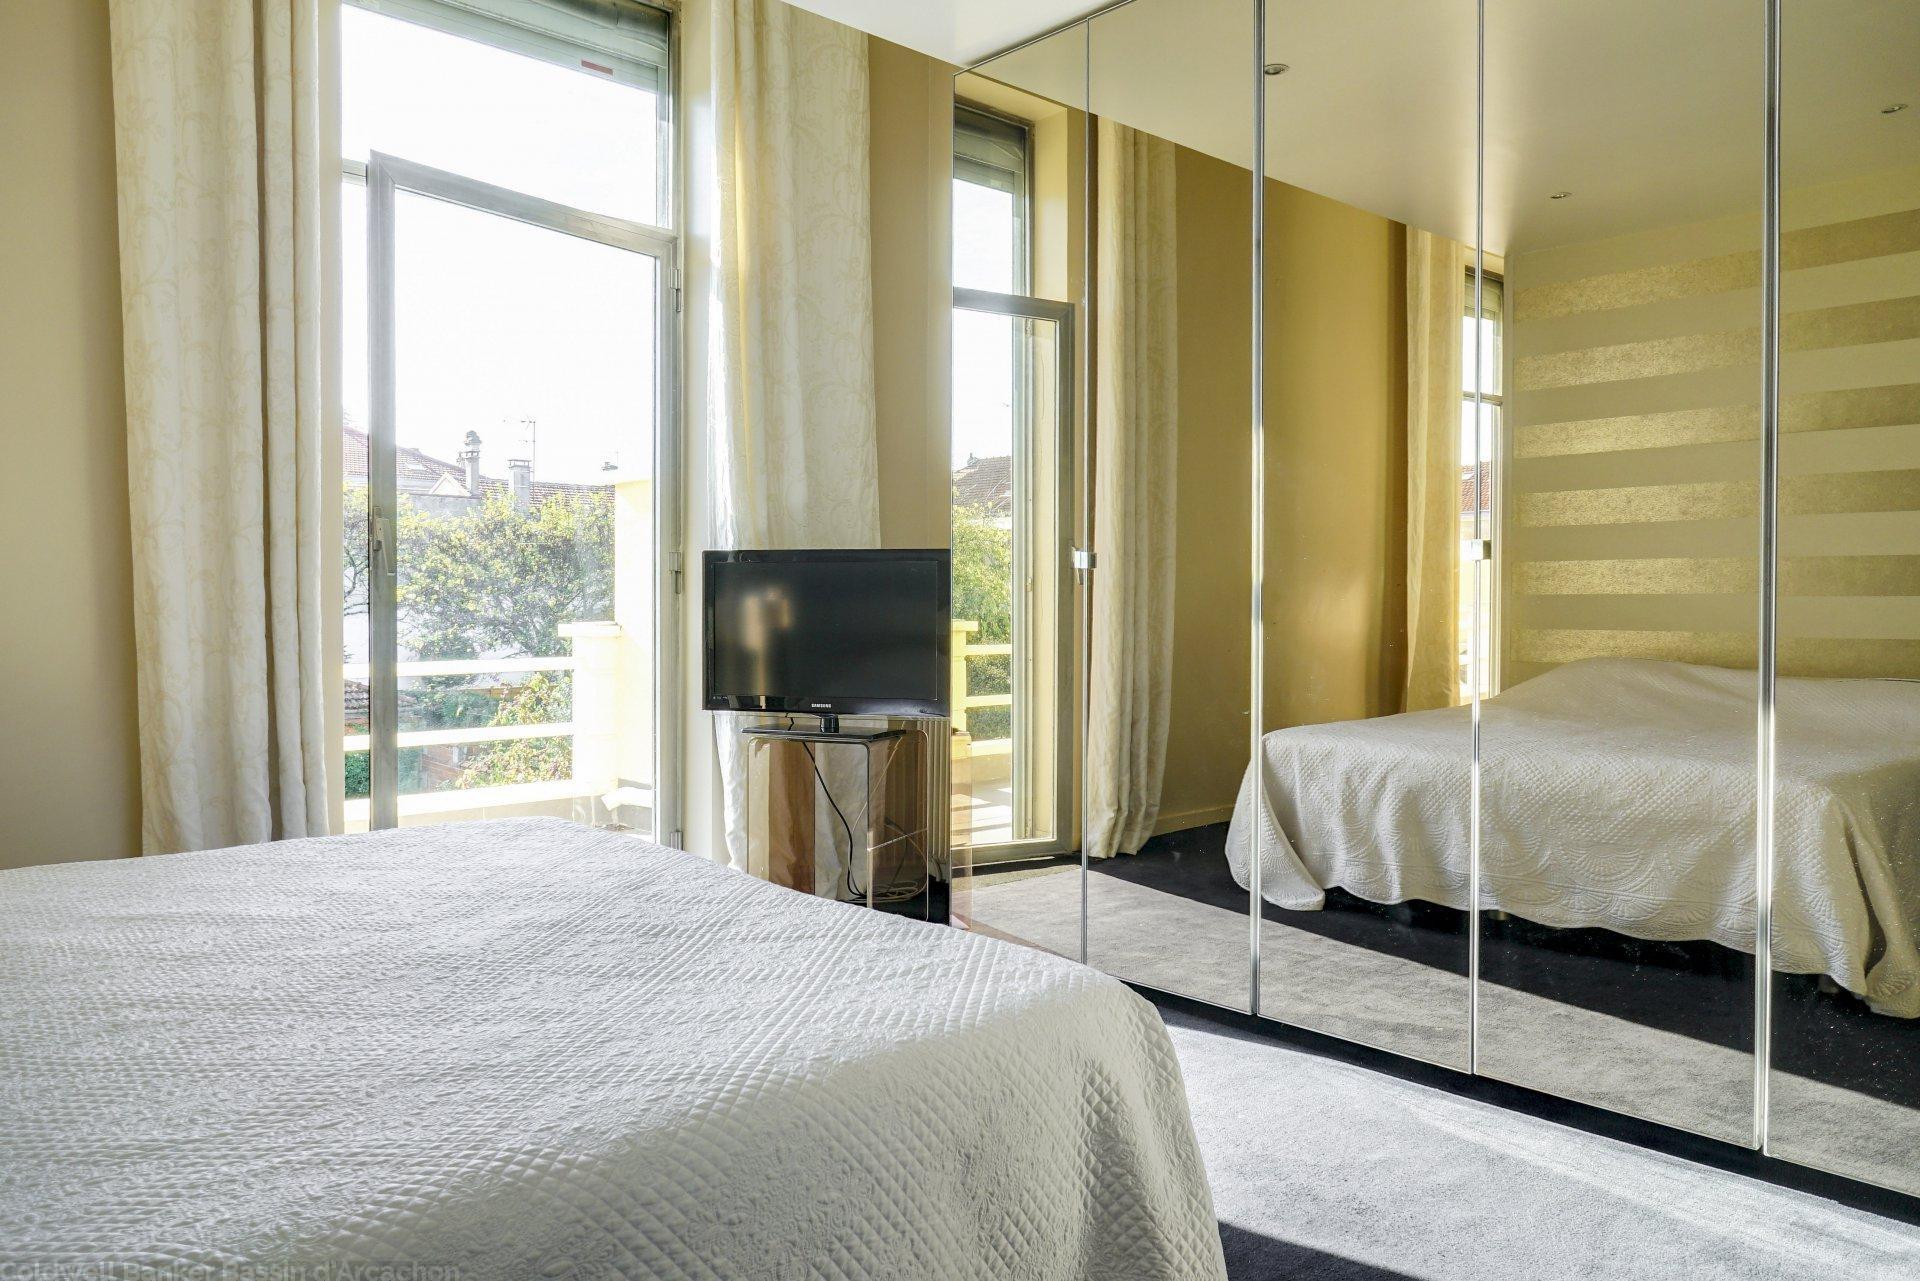 Achat hotel particulier 10 chambres avec piscine bordeaux saint augustin